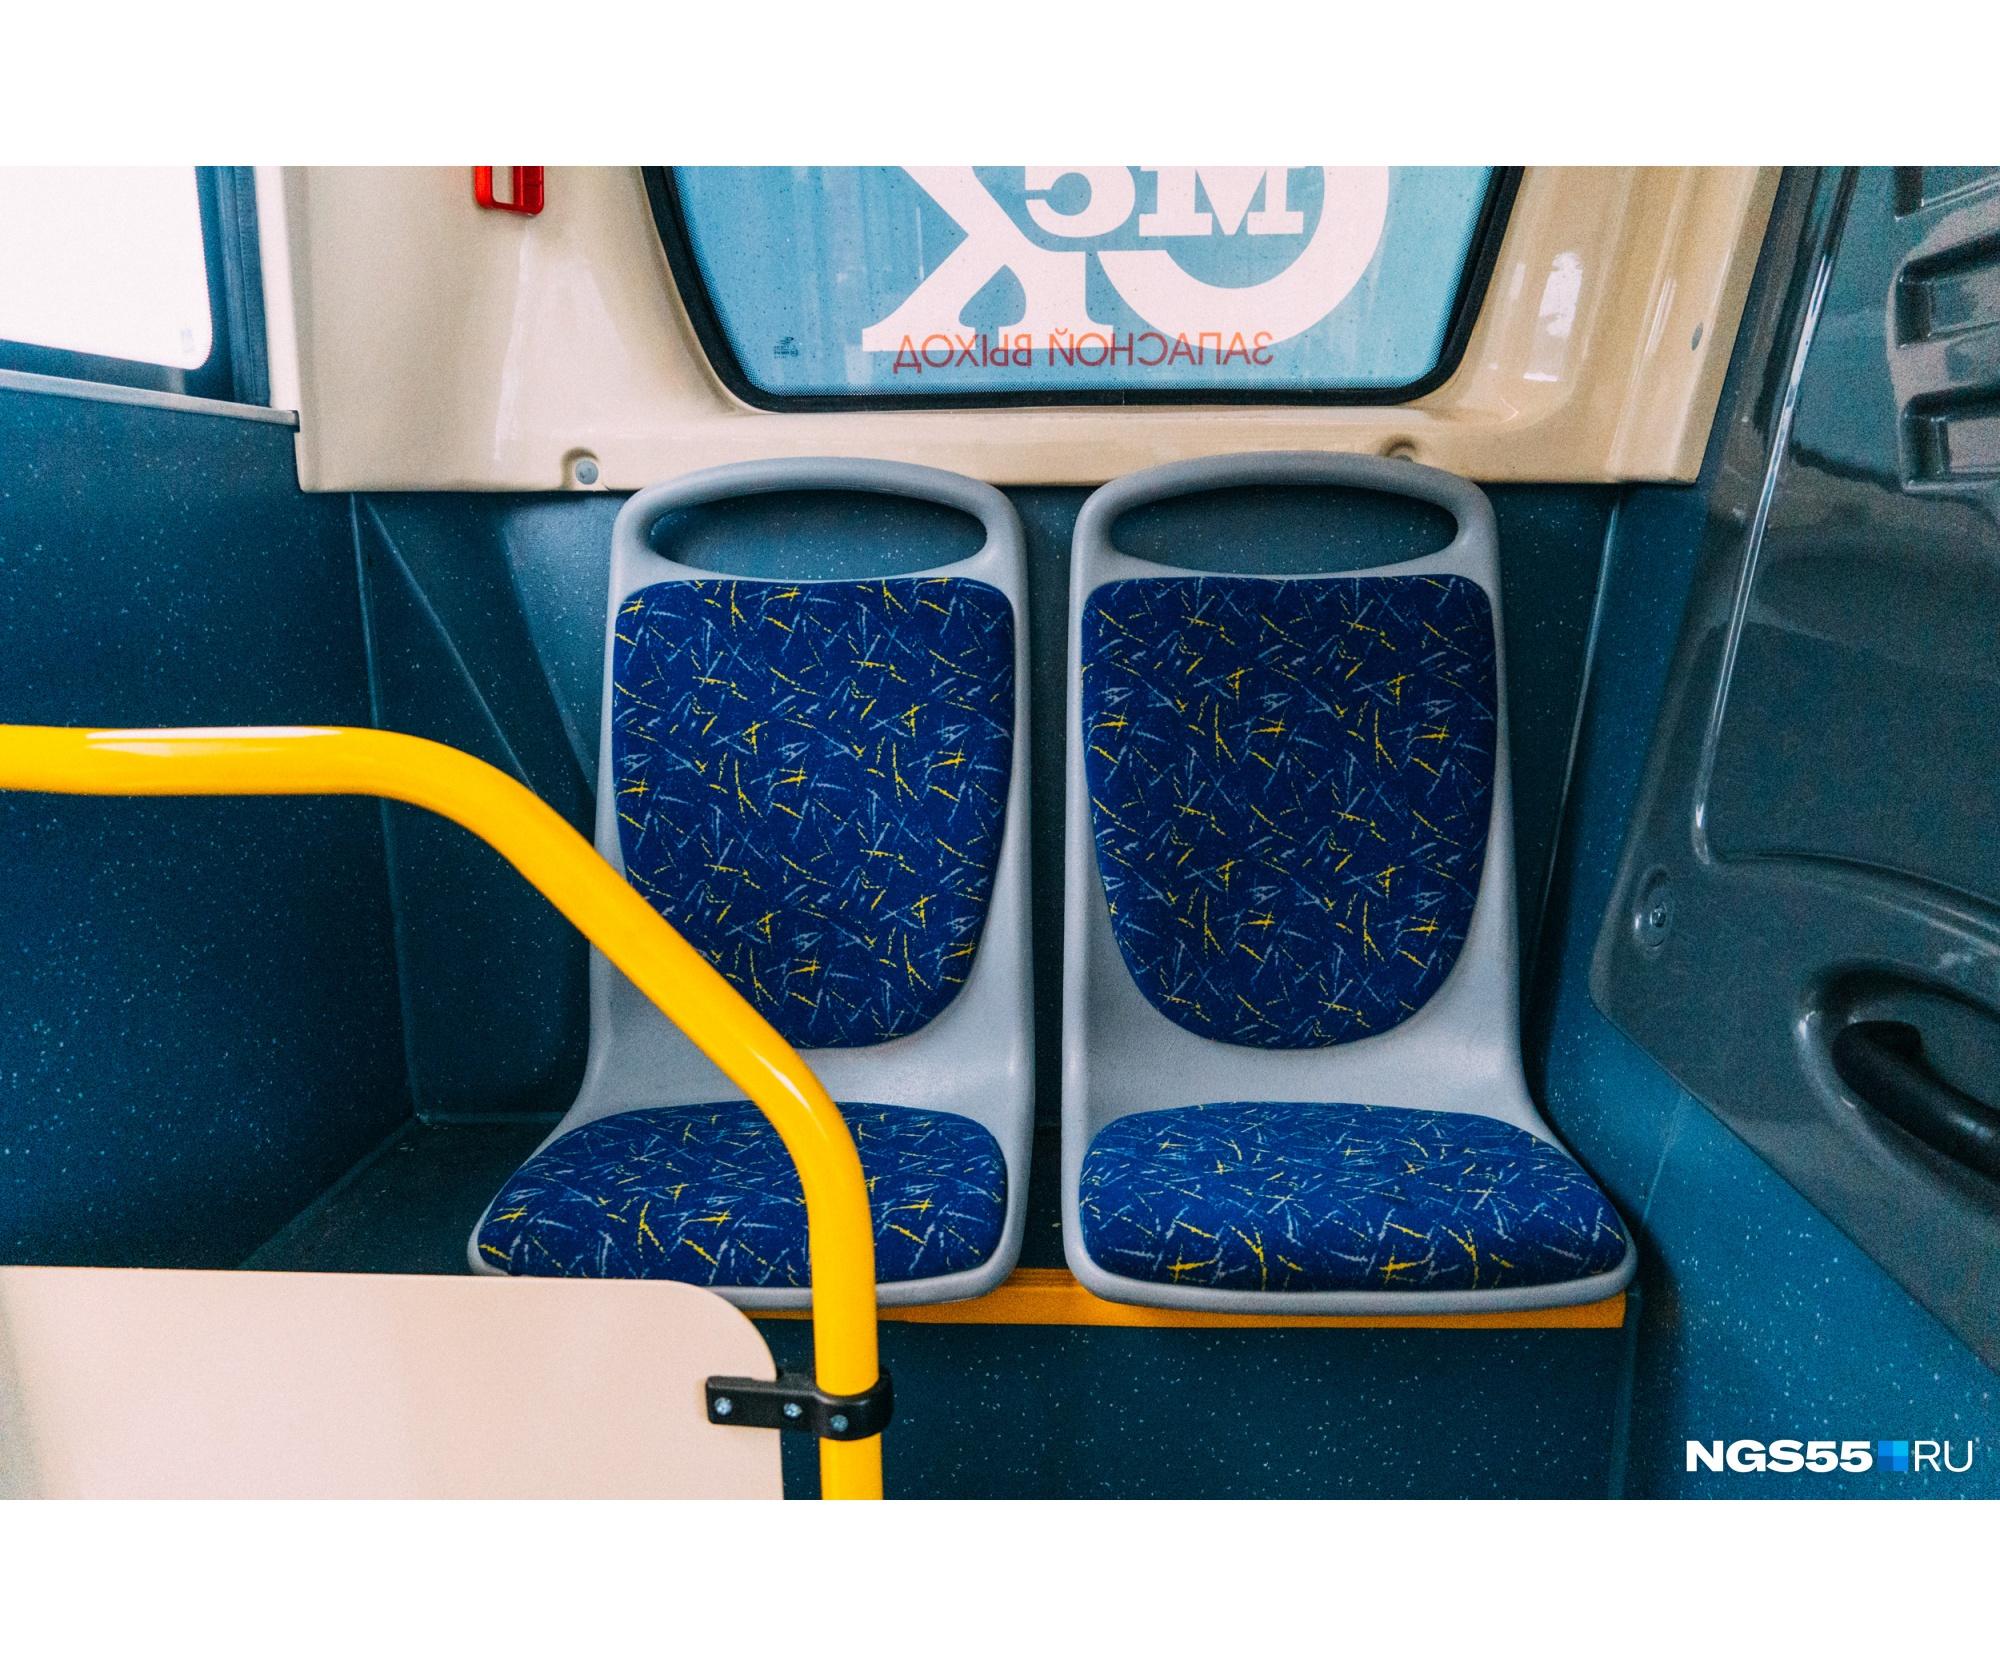 В самом конце автобуса сиротливо спрятались еще два сиденья для пассажиров